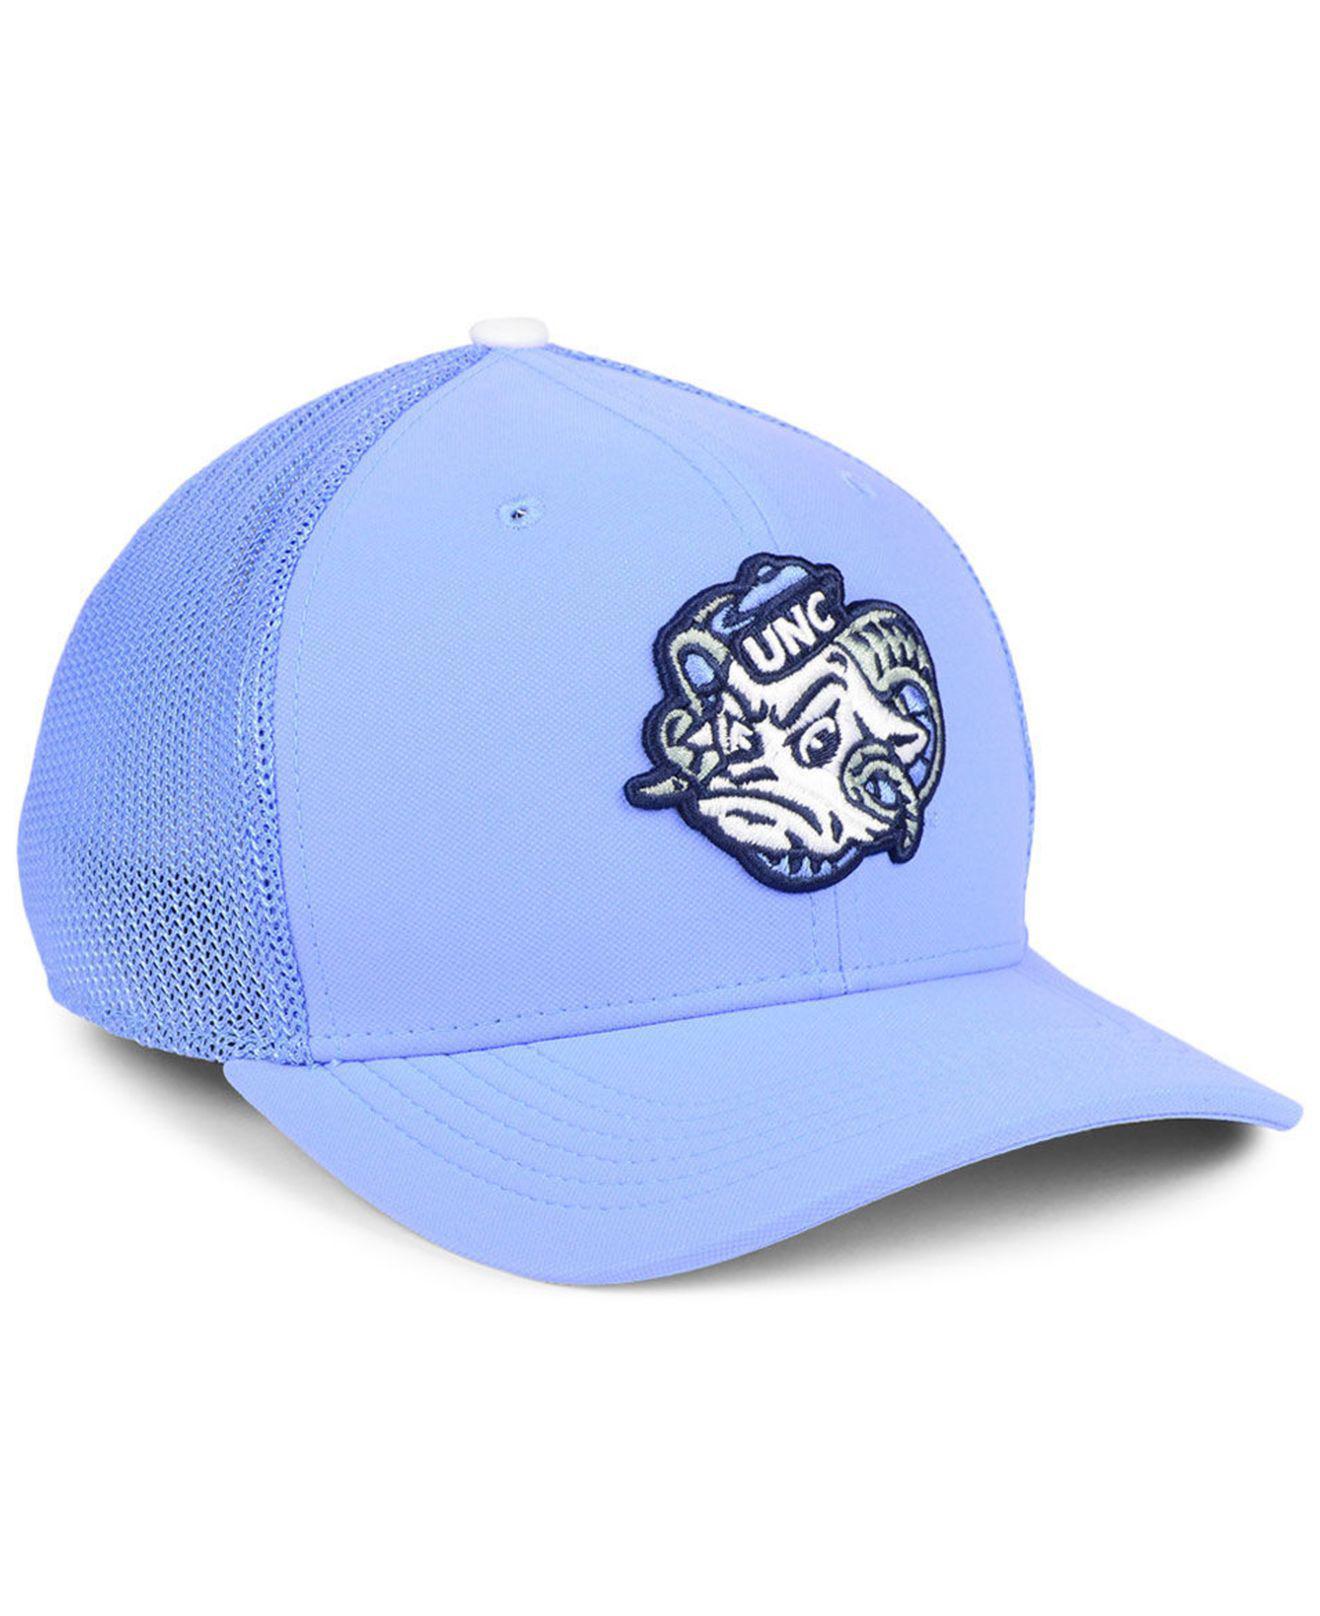 34e274aa42a55 sweden lyst nike duke blue devils col aro swooshflex cap in blue for men  f9363 a264d  aliexpress col aro swooshflex cap for men lyst. view  fullscreen bc677 ...